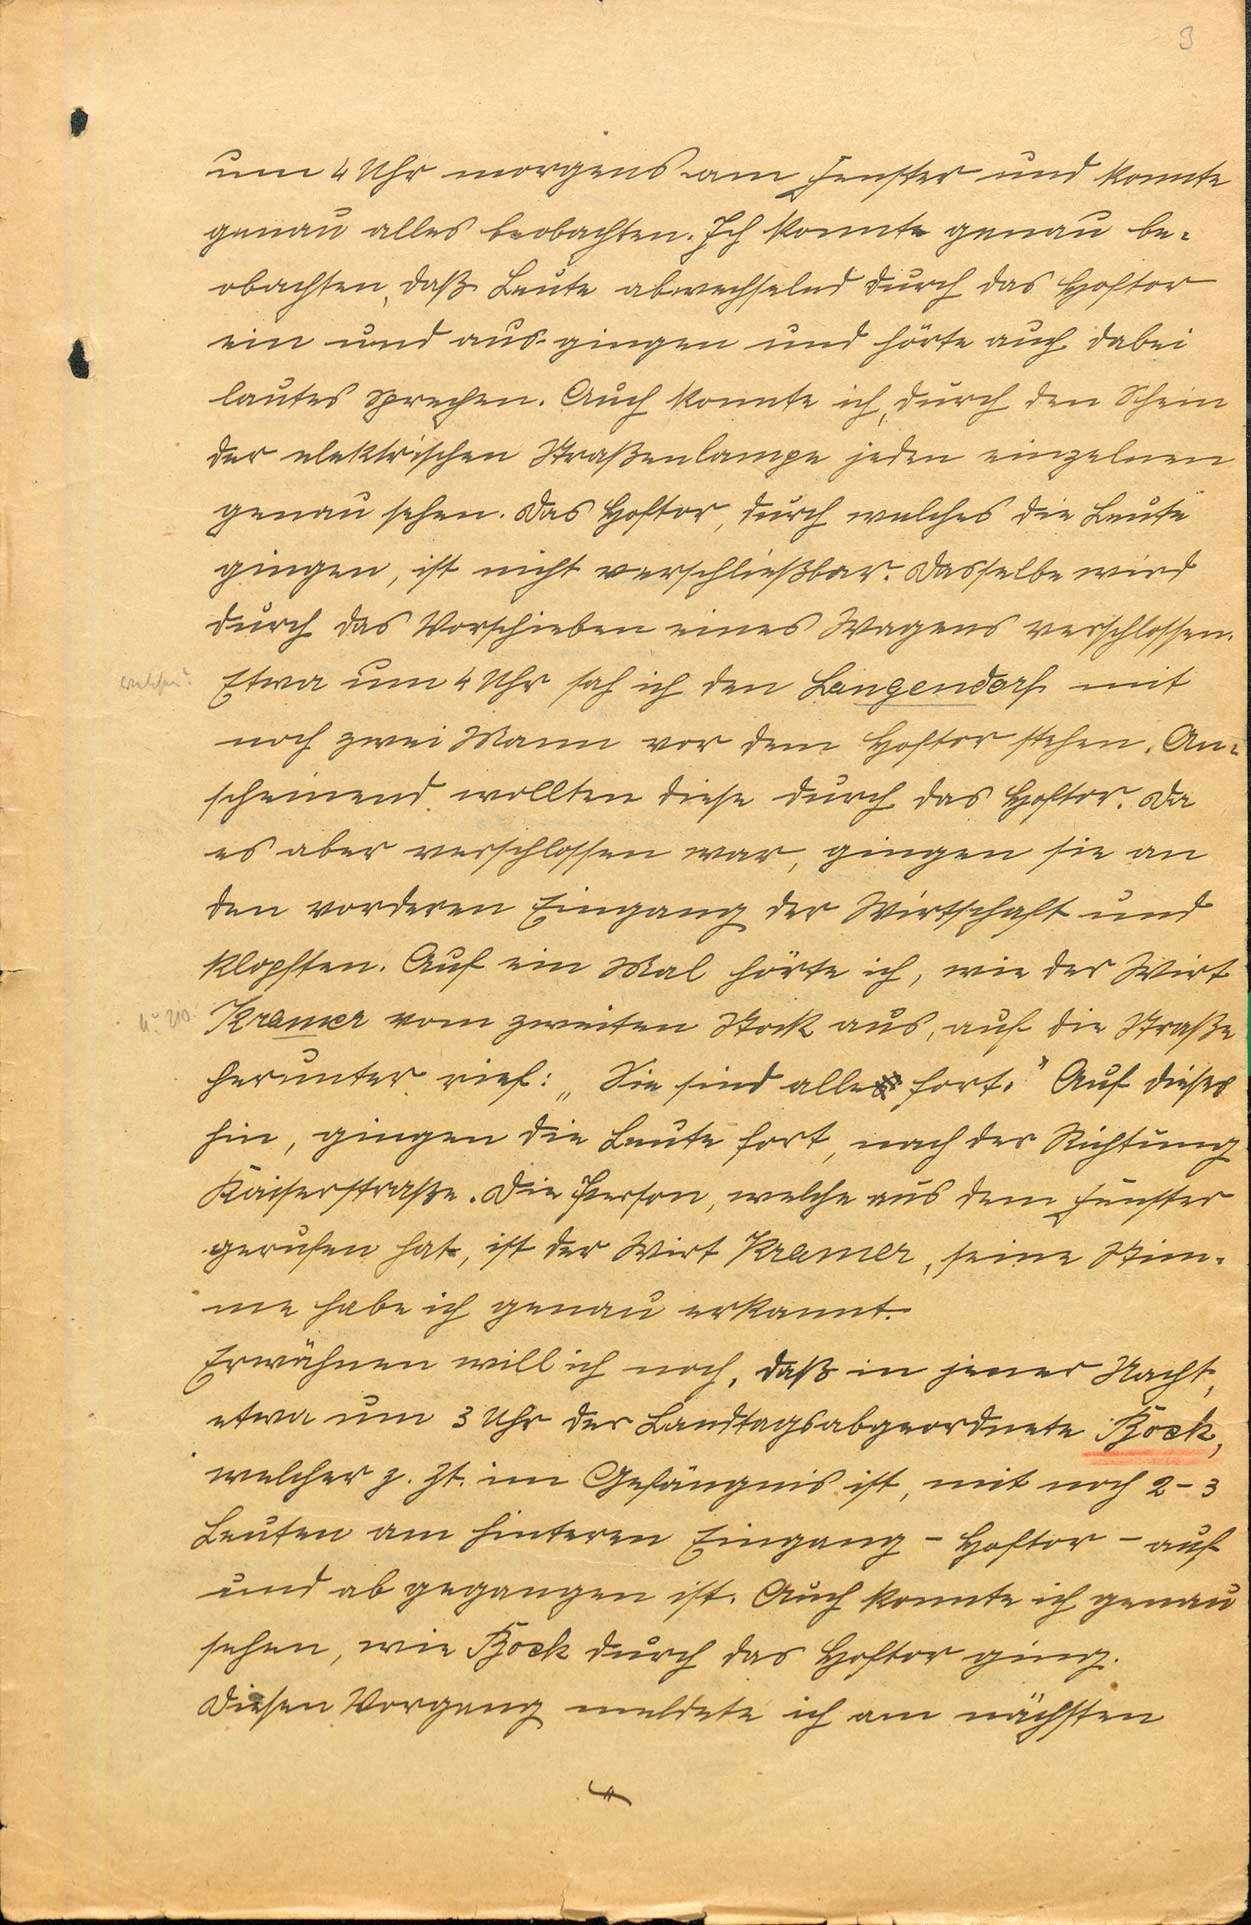 Untersuchung gegen Johann Georg Wirth und andere Personen, Lahr wegen Landfriedensbruch (Beteiligung an den kommunistischen Unruhen in Lahr, Nov. 1923), Bild 3